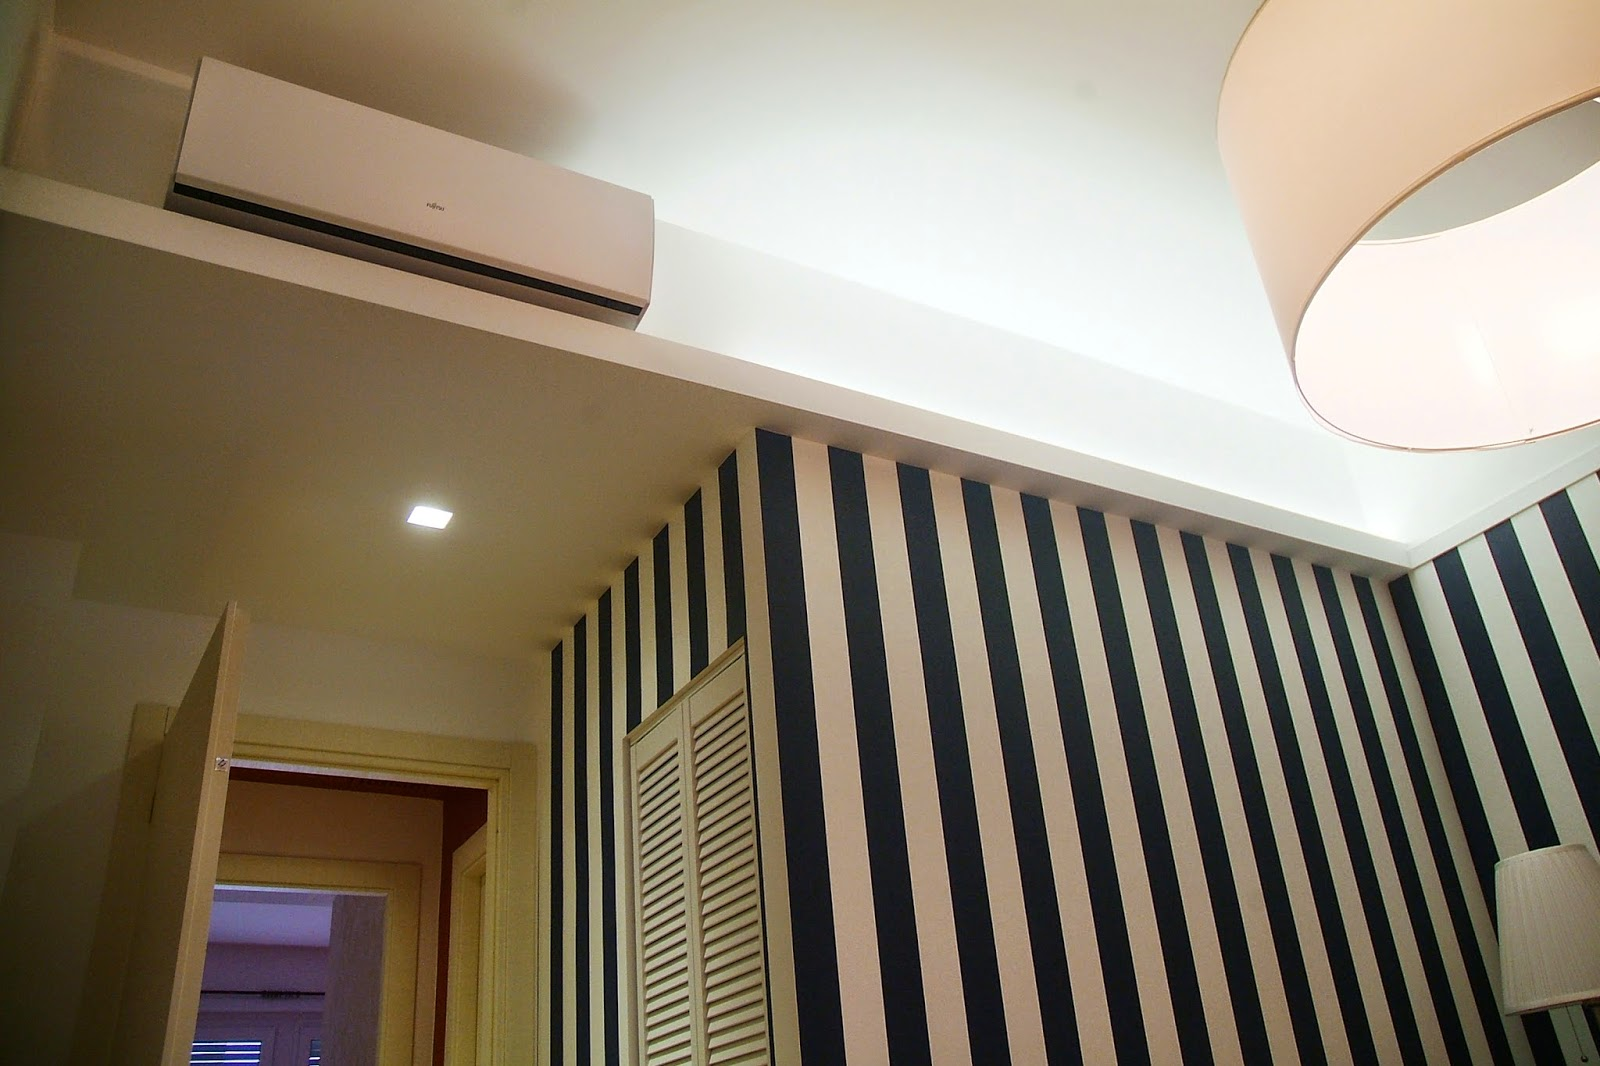 Illuminazione Led Camera Da Letto : Illuminazione led casa: torino ristrutturando un appartamento